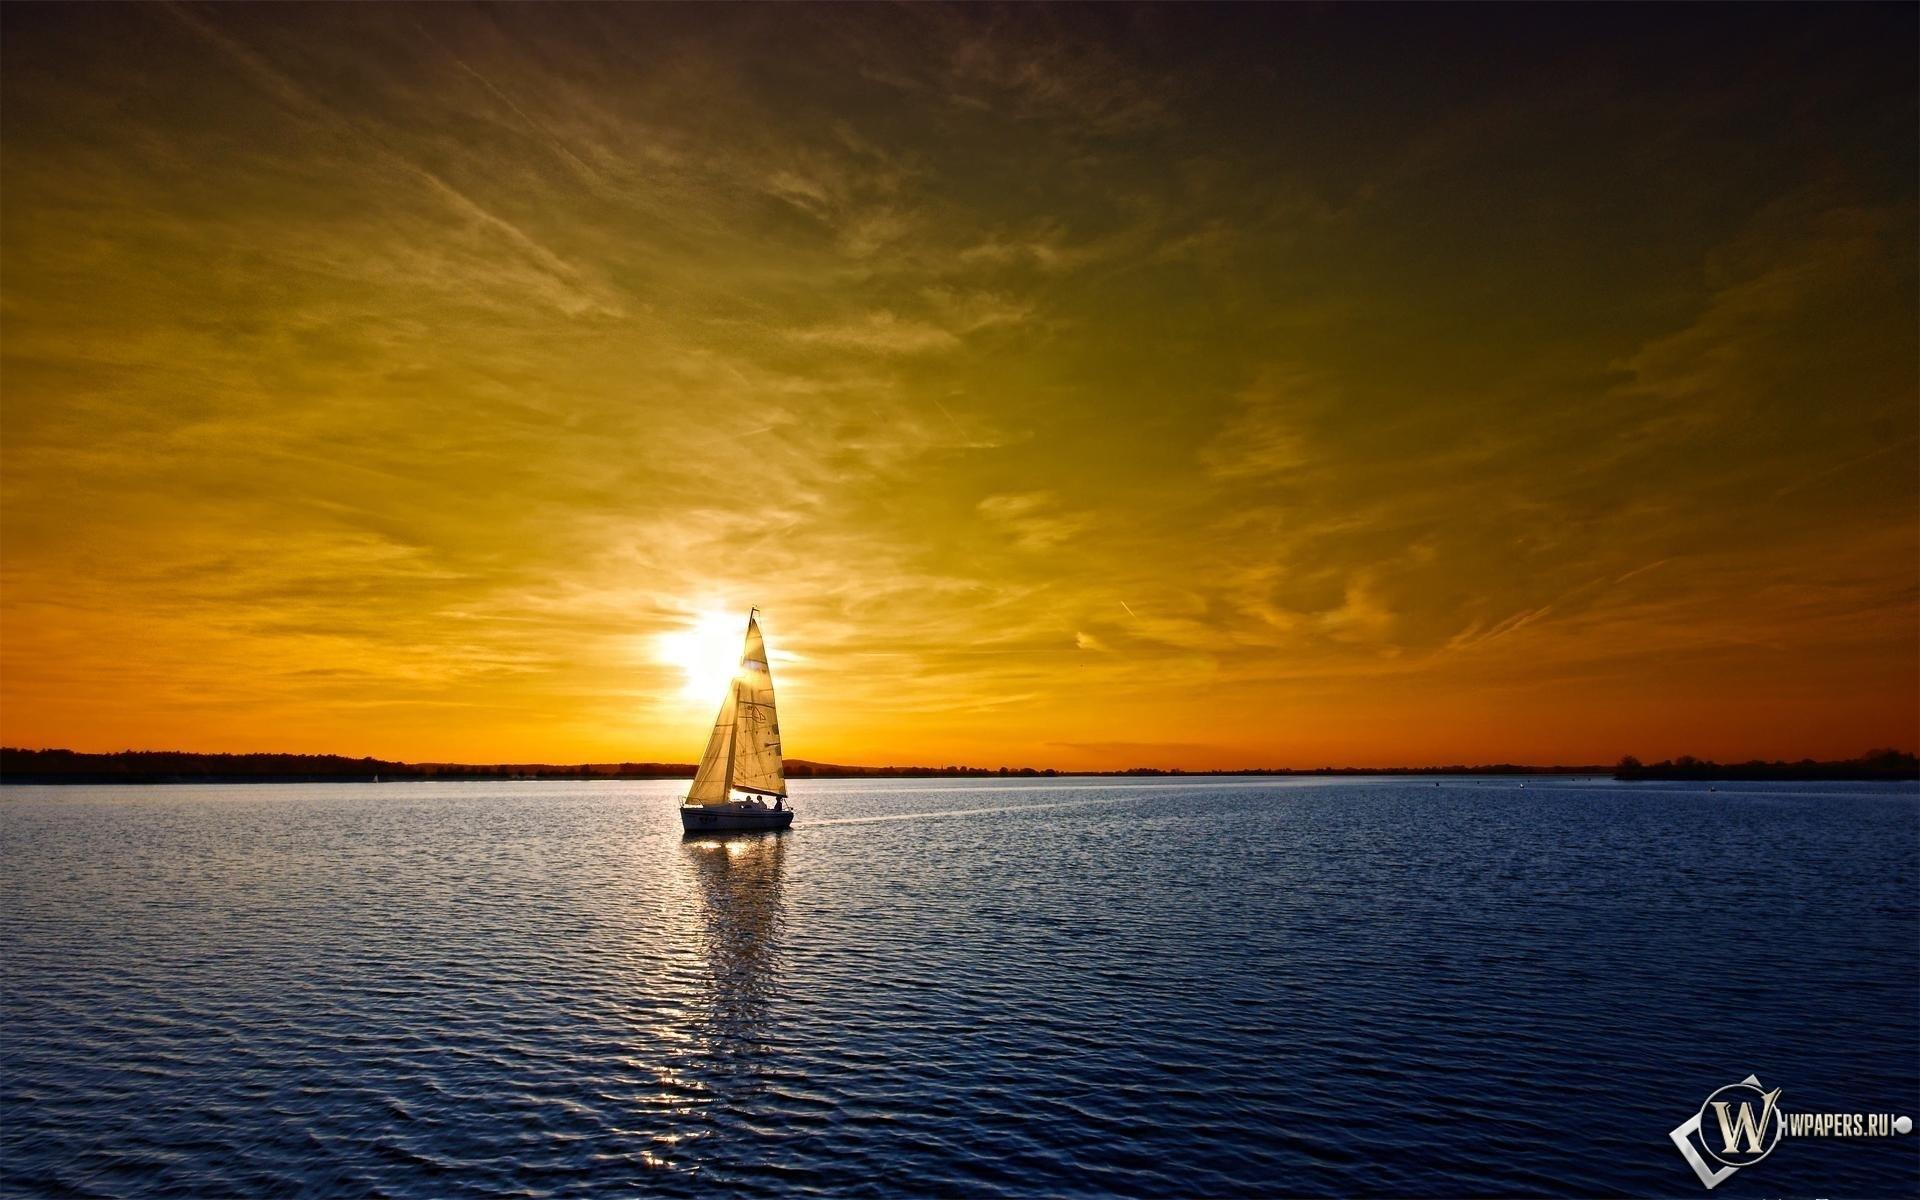 Яхта на закате 1920x1200